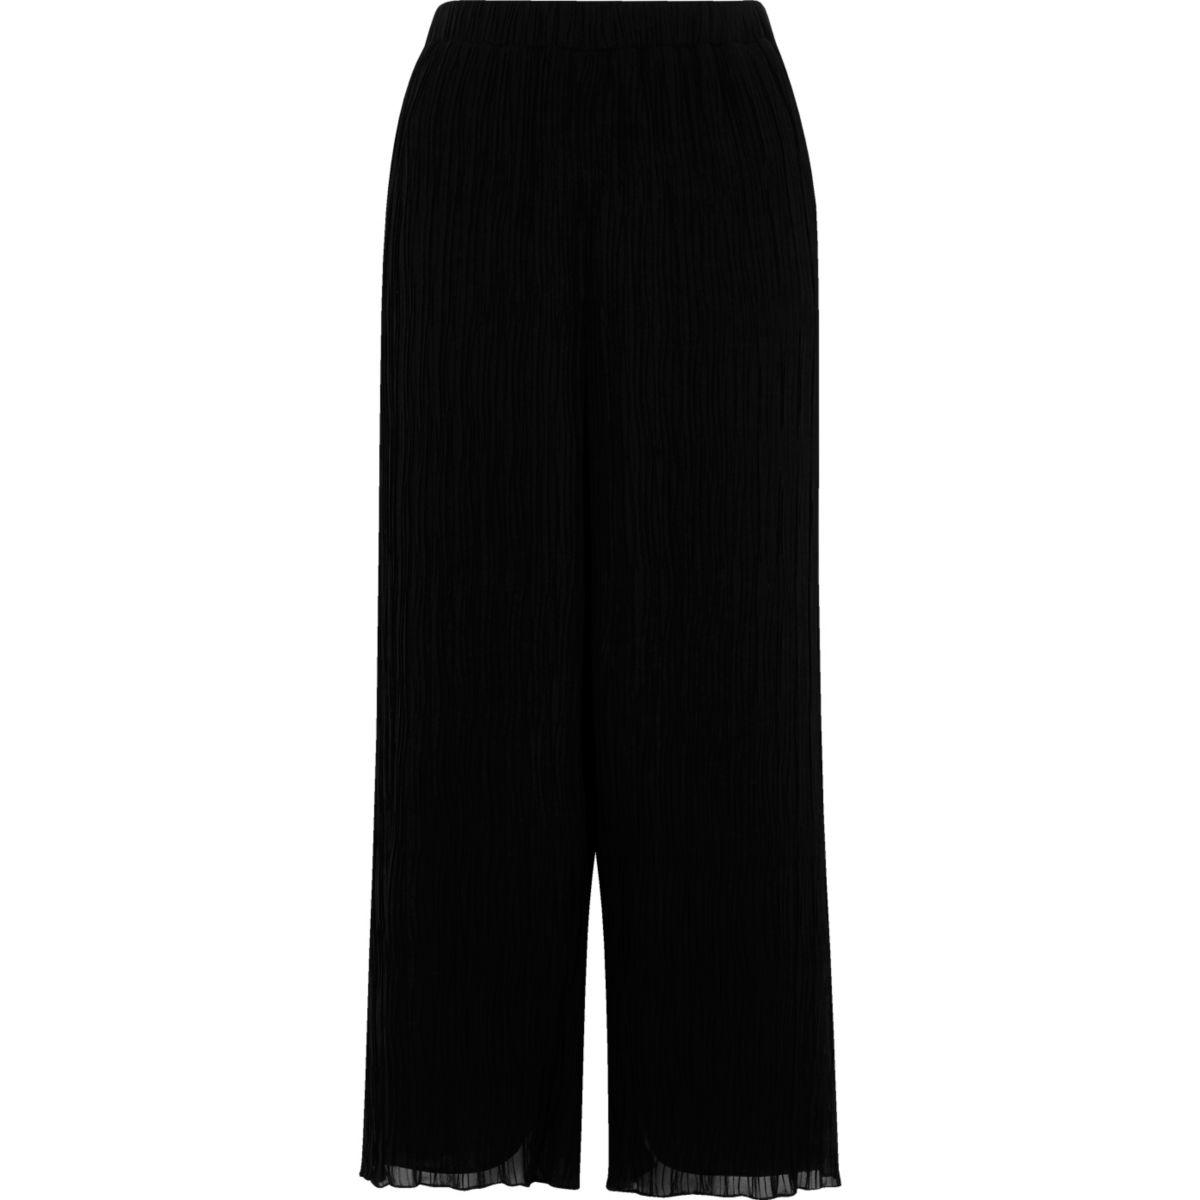 Schwarzer Hosenrock mit Falten